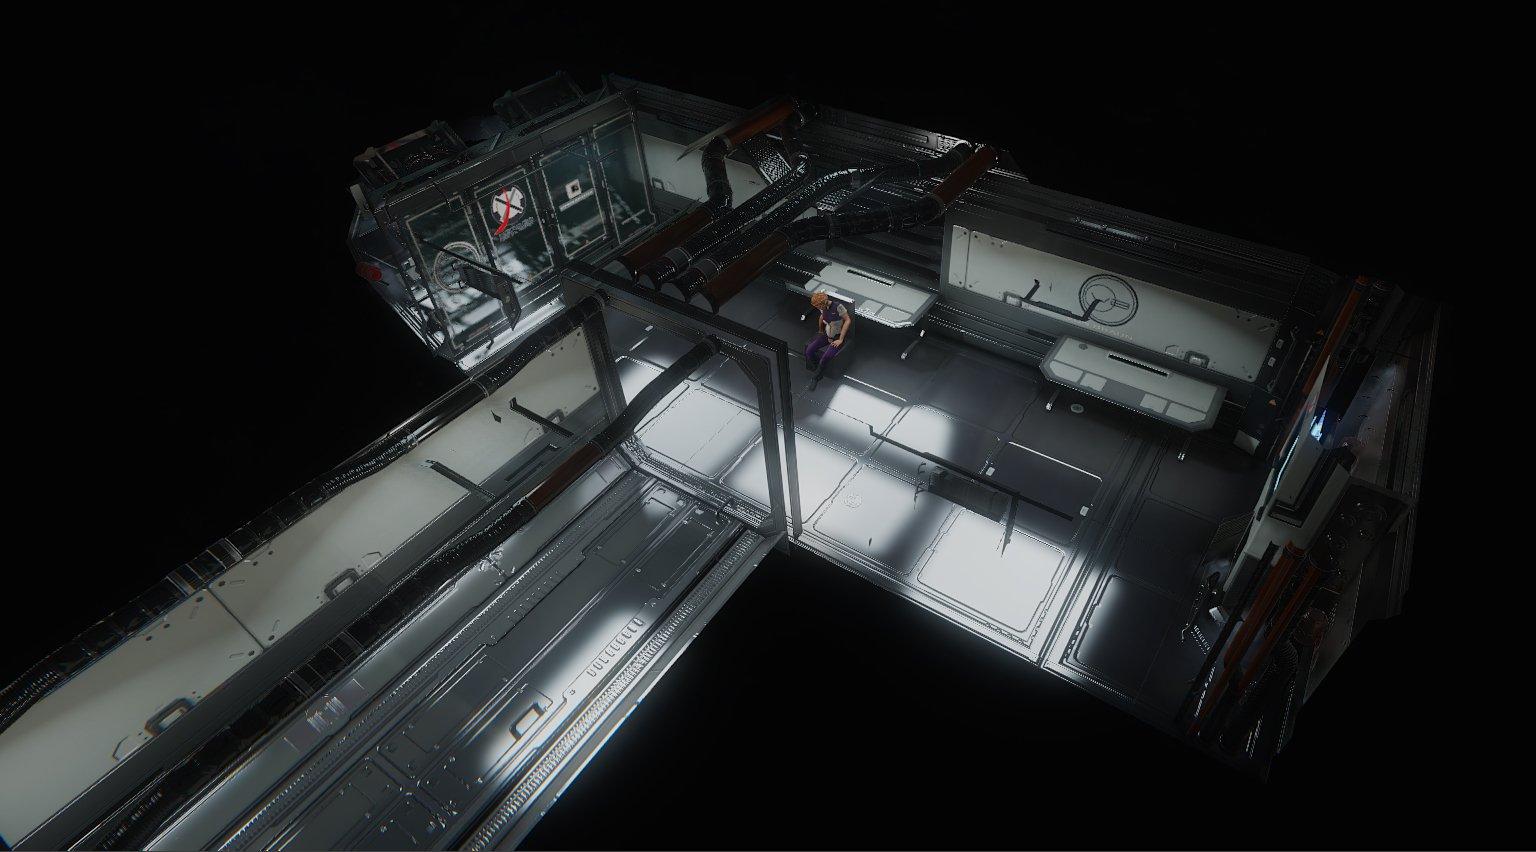 Художник воссоздает одну из лучших сцен System Shock 2 на CryEngine - Изображение 4